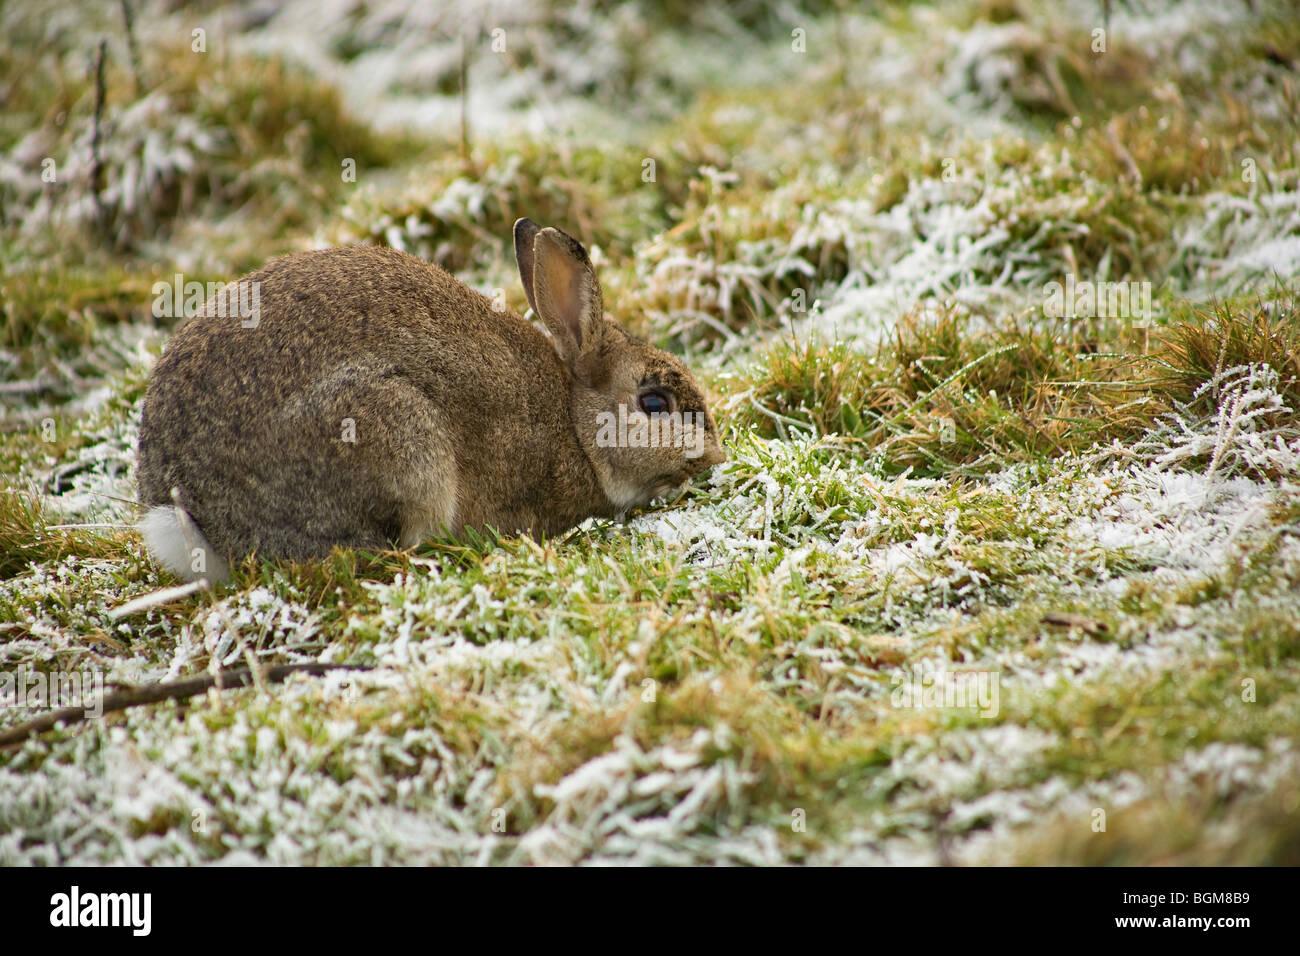 Rabbit Eating Grass Stock Photos & Rabbit Eating Grass Stock